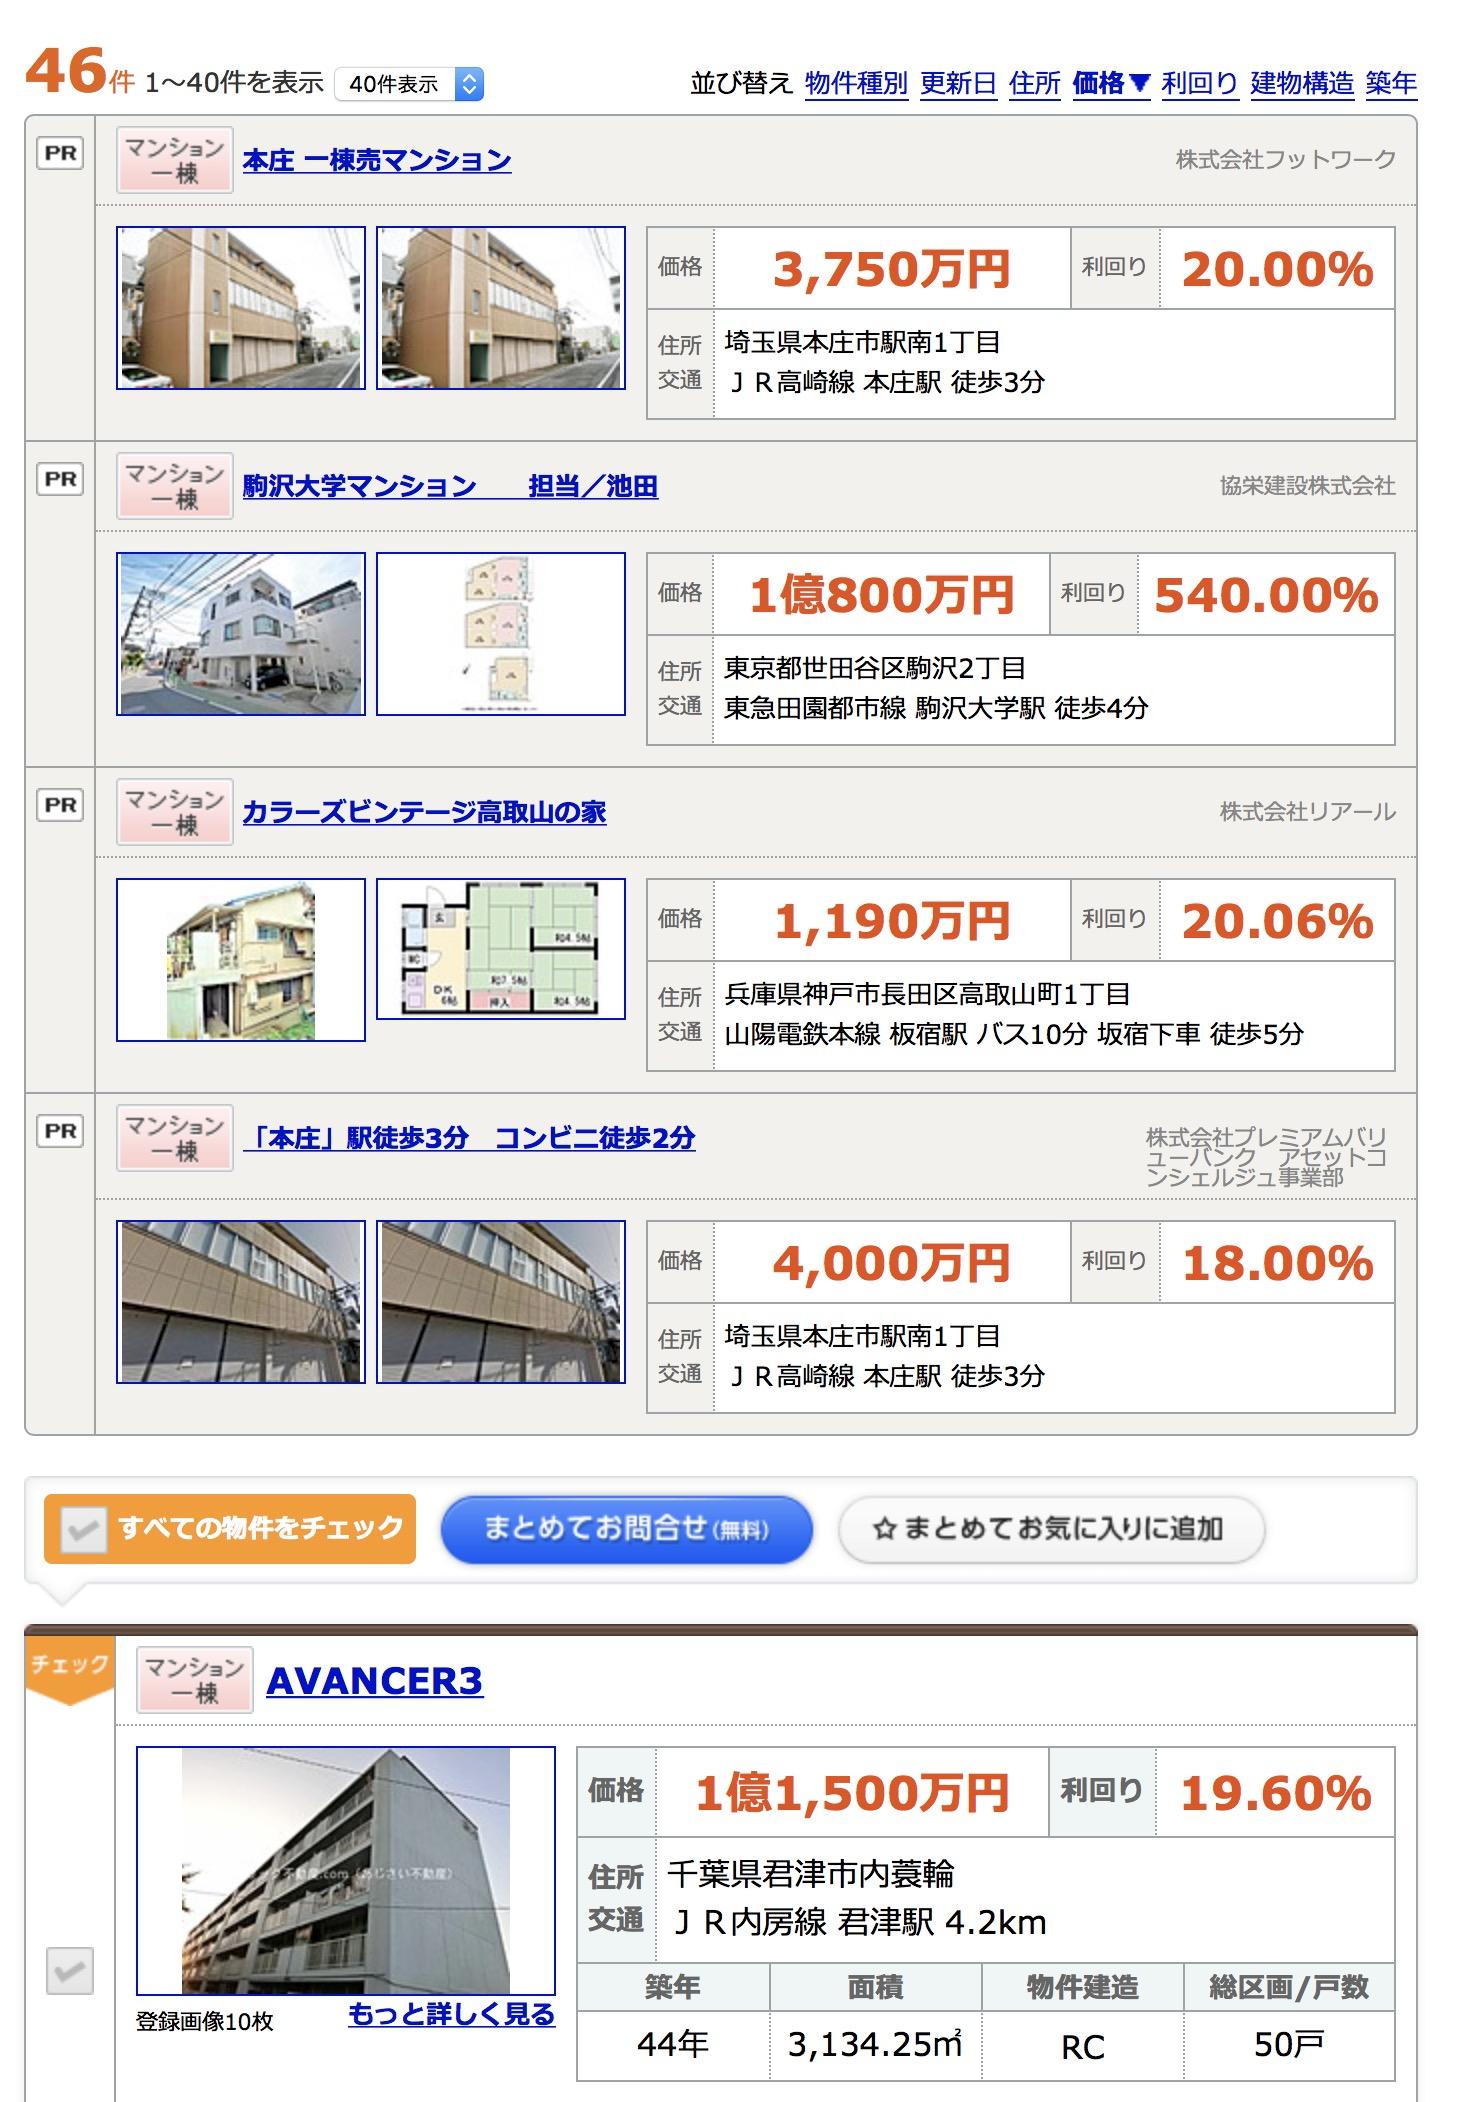 中古物件マンションの値段|安ければ一棟一千万円台で購入可能!